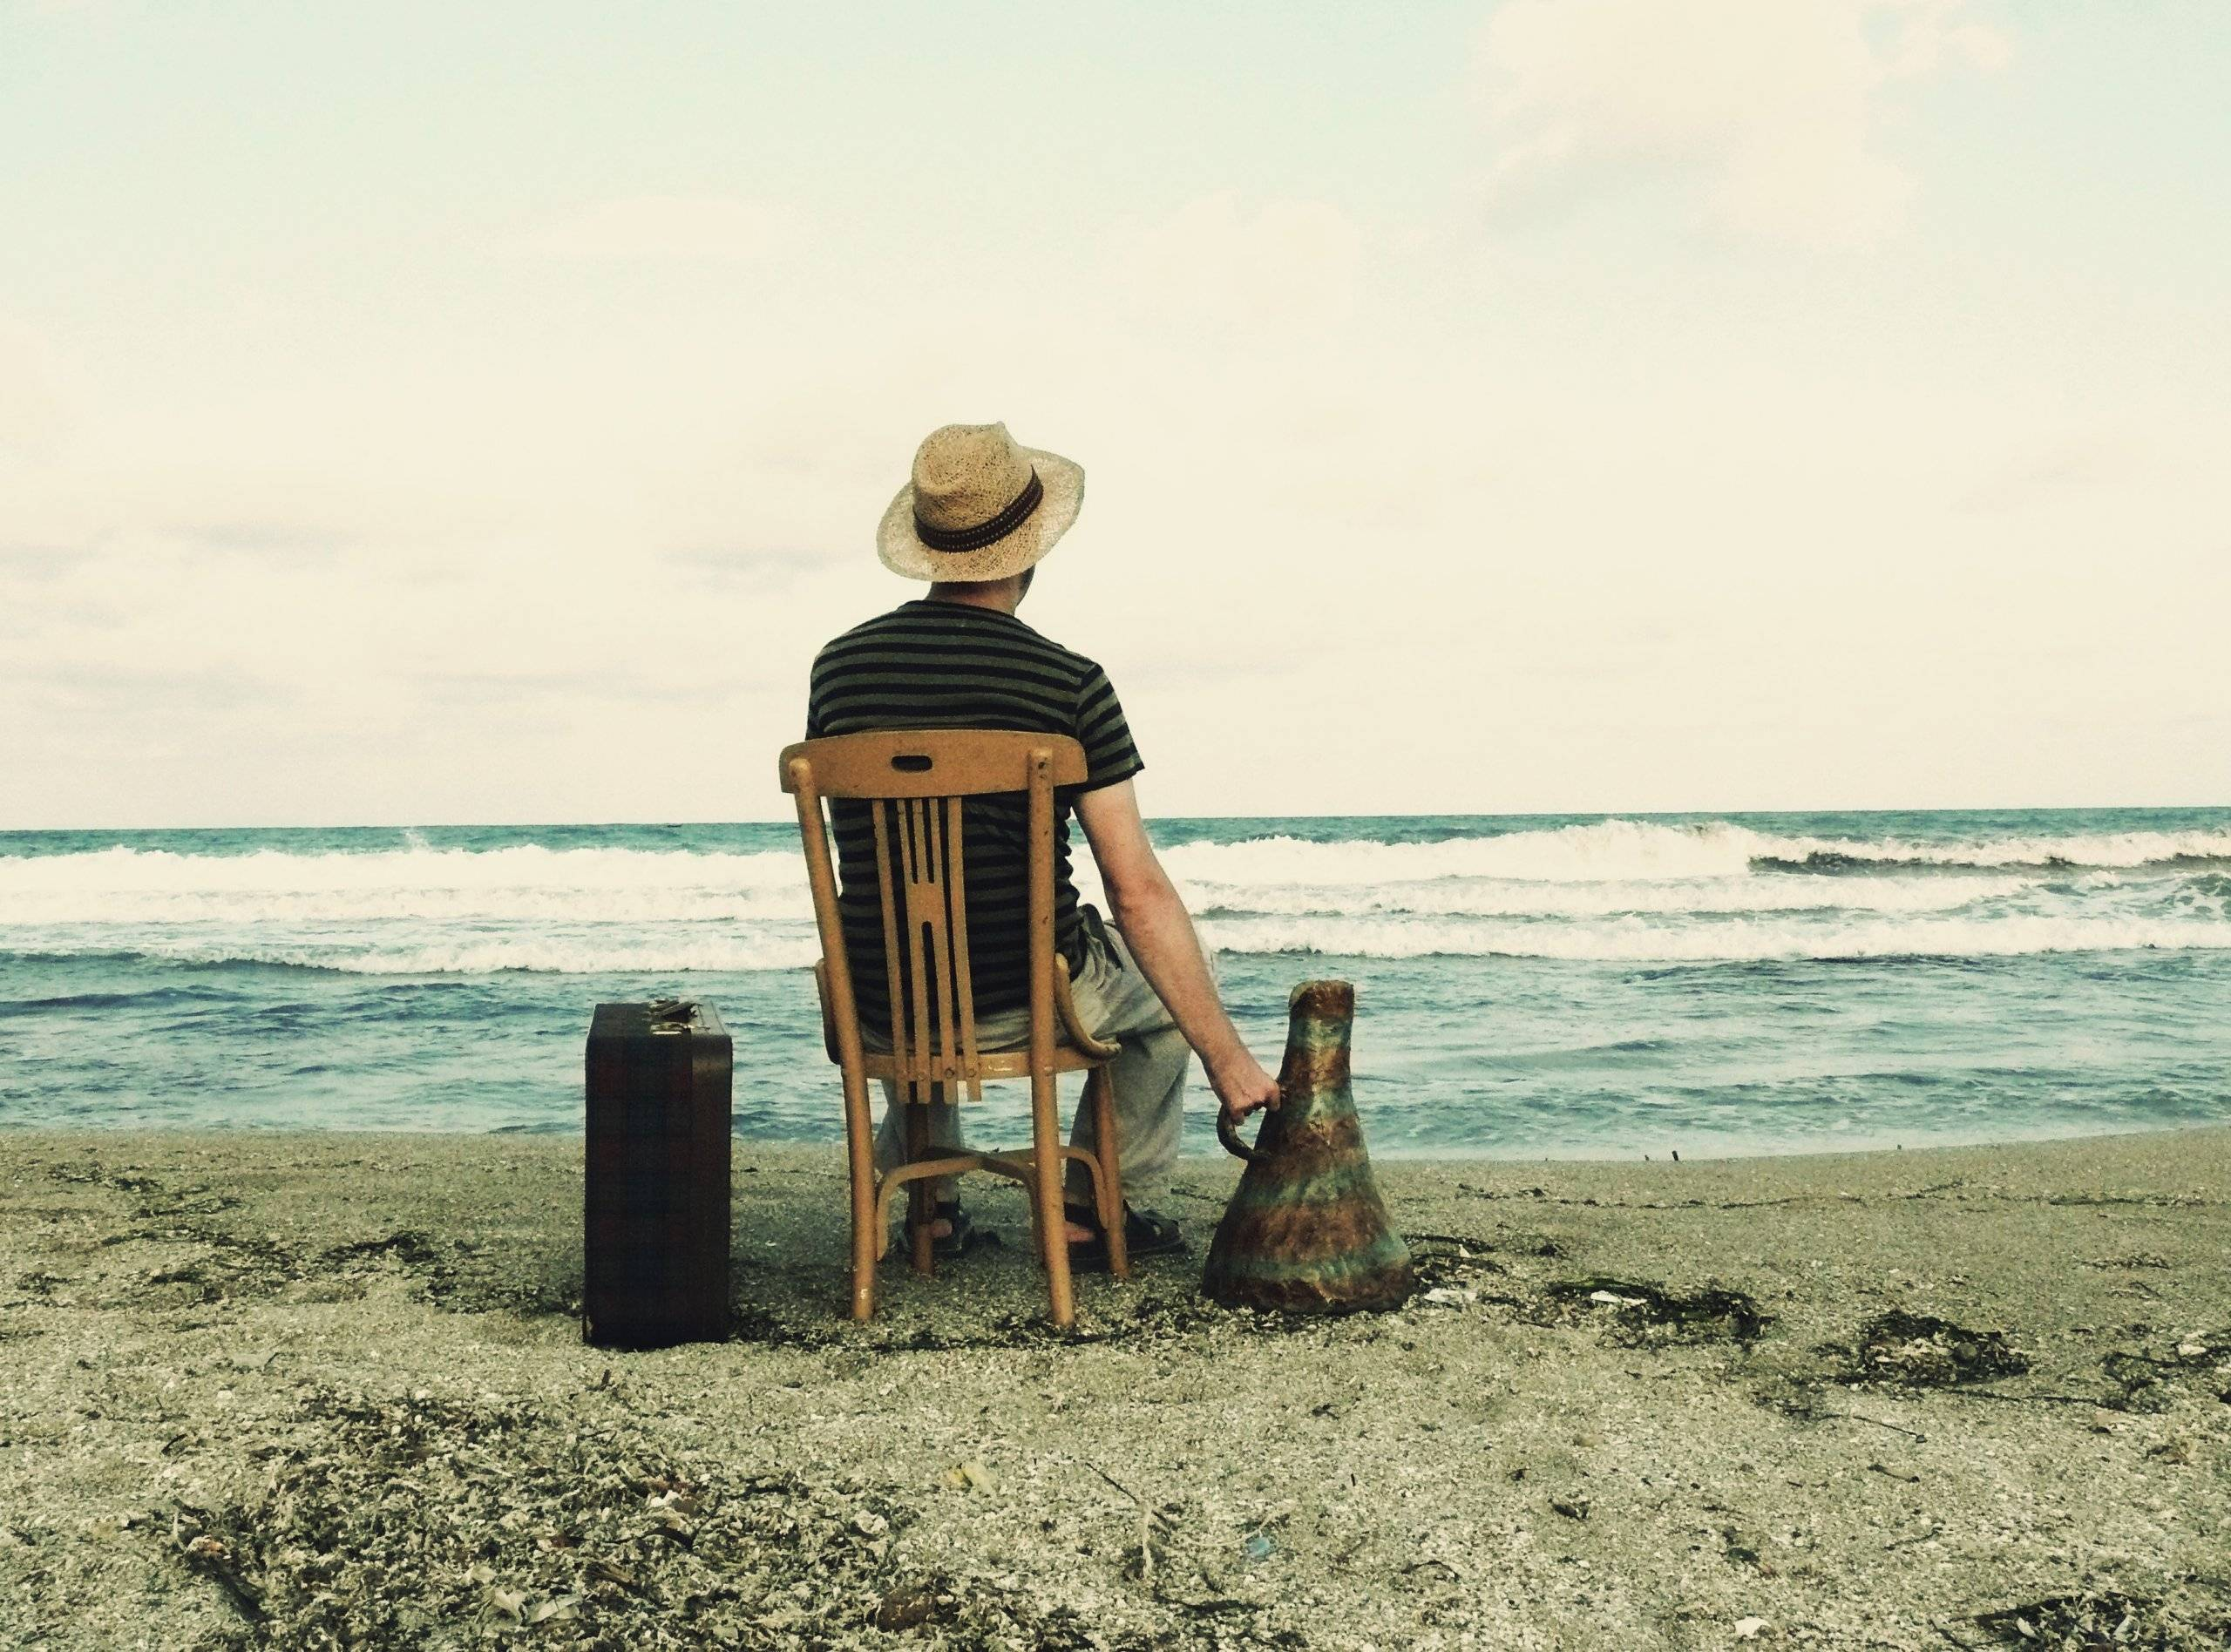 Cuentos que dan risa. Foto pabloalbo.com